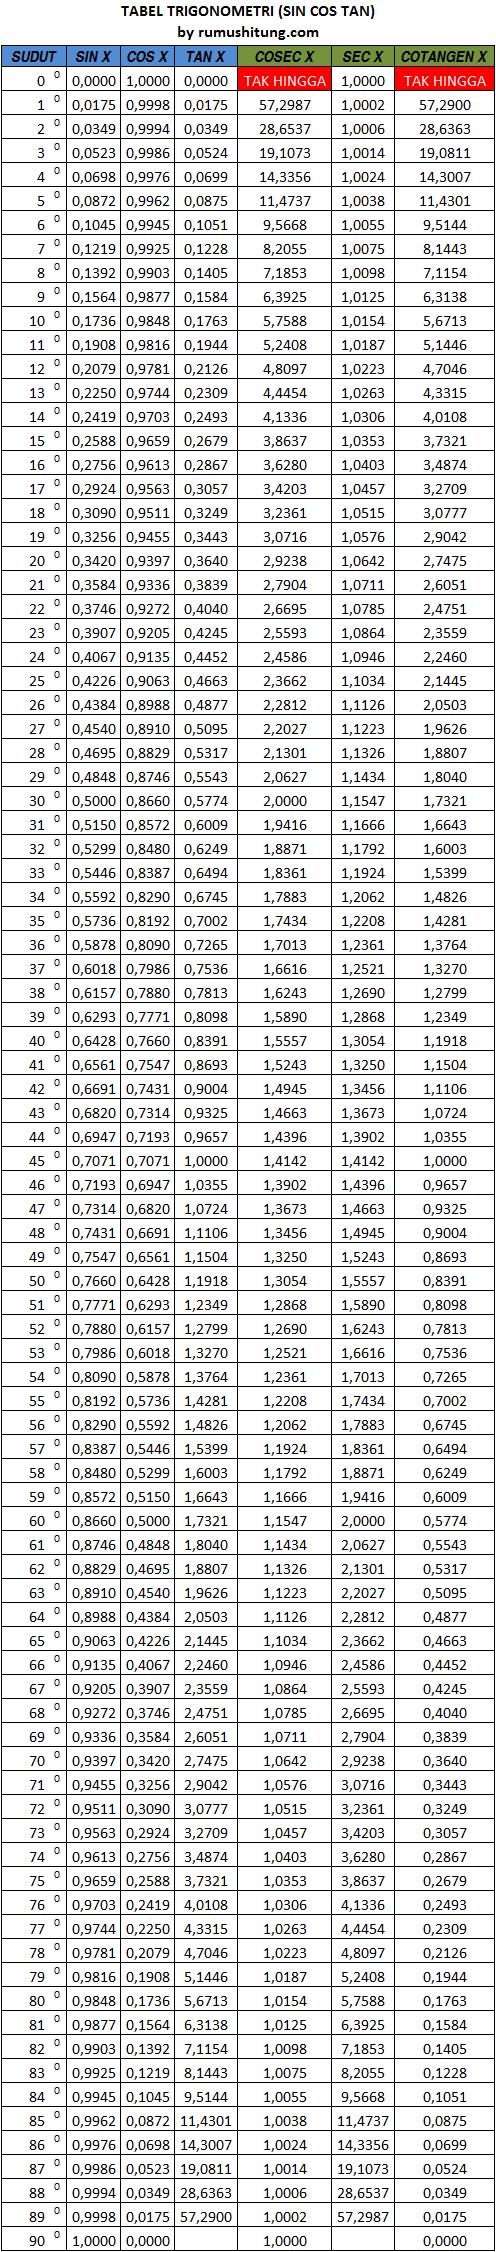 Tabel Trigonometri Lengkap : tabel, trigonometri, lengkap